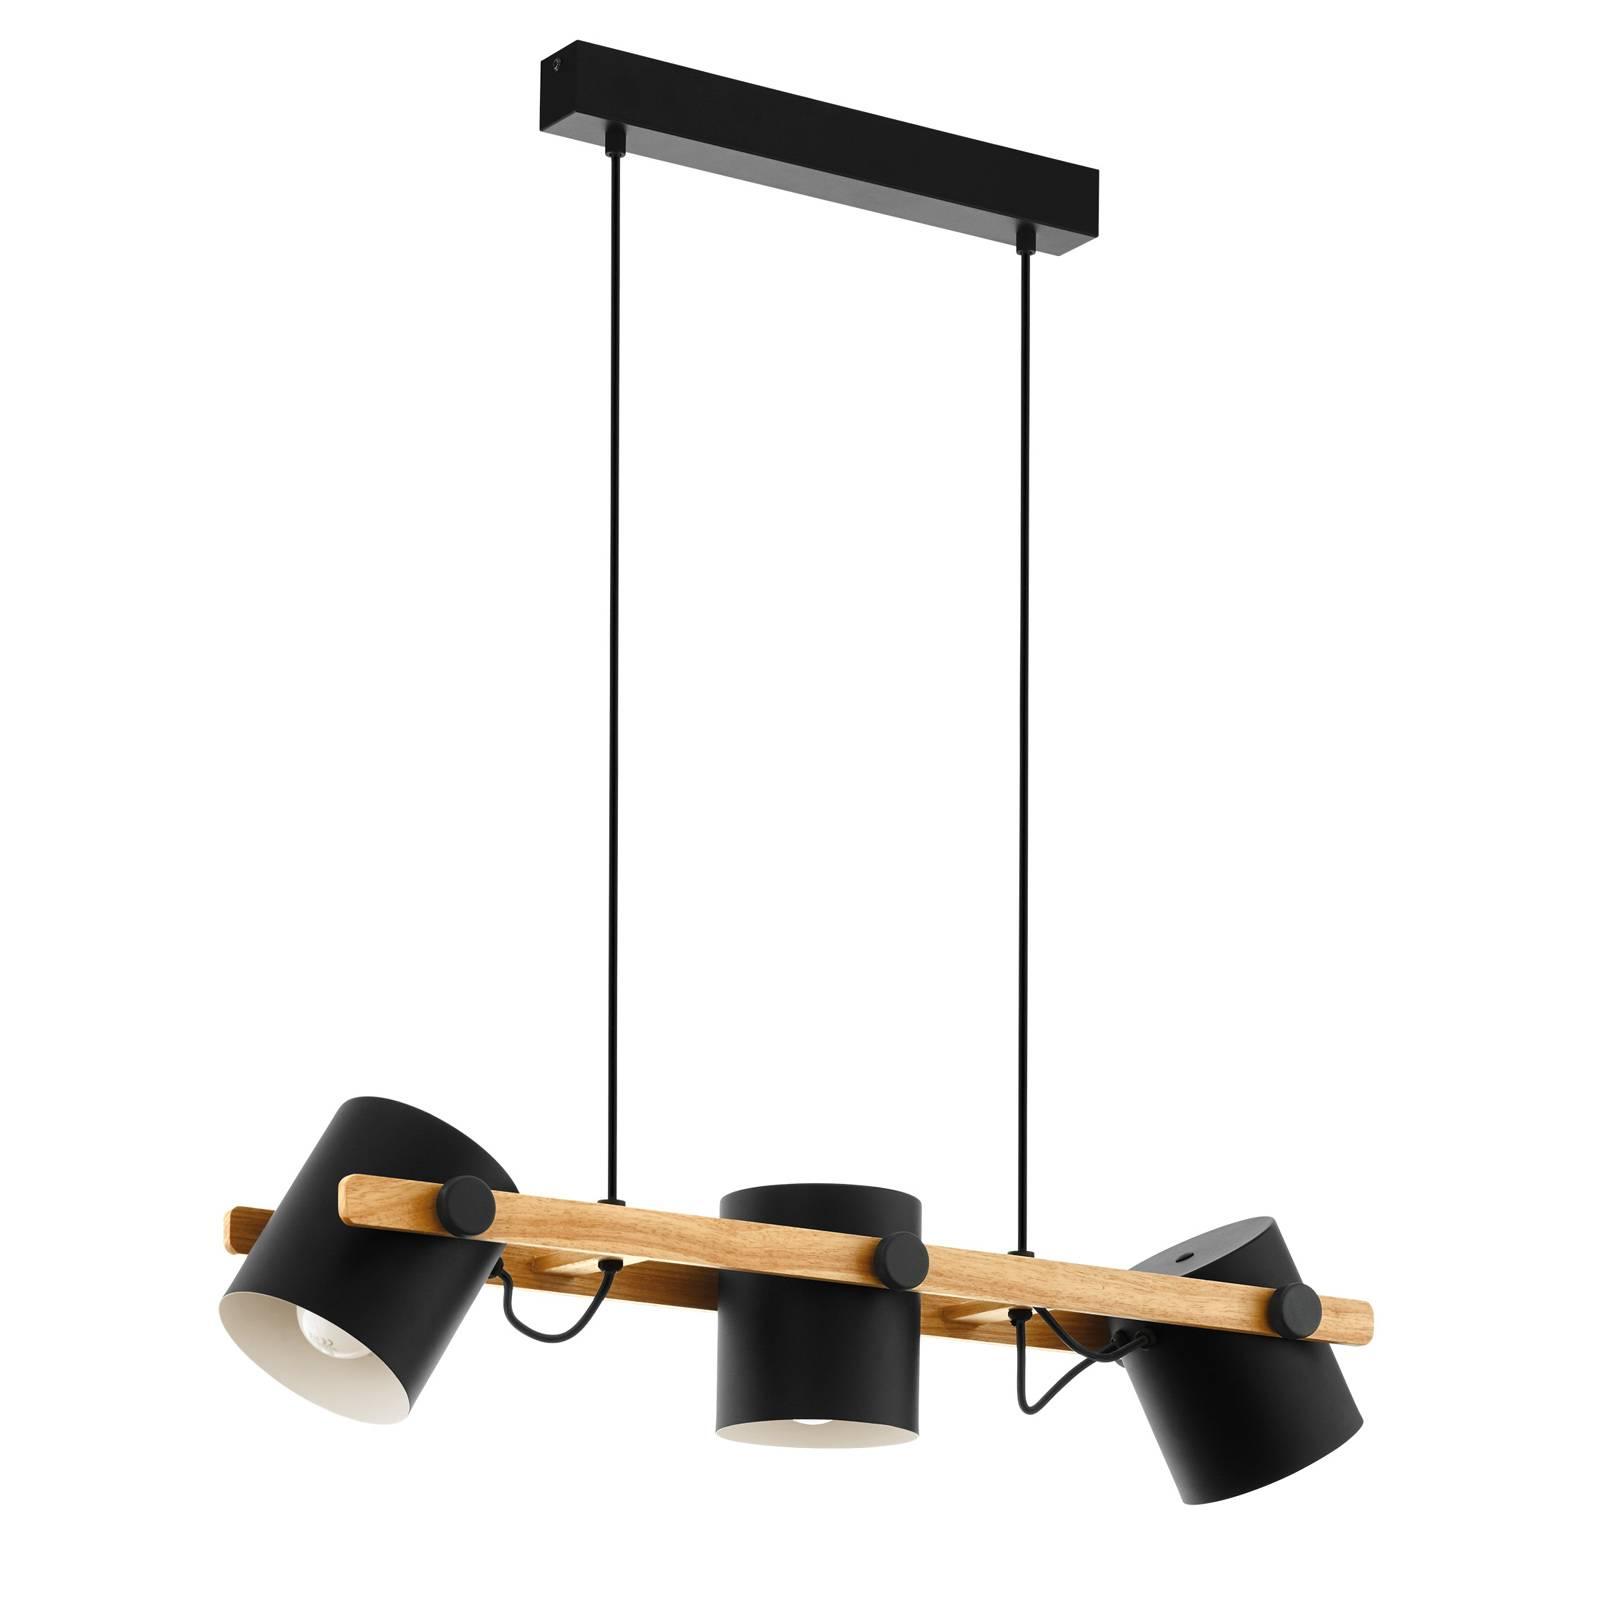 Hanglamp Hornwood met houtdetails